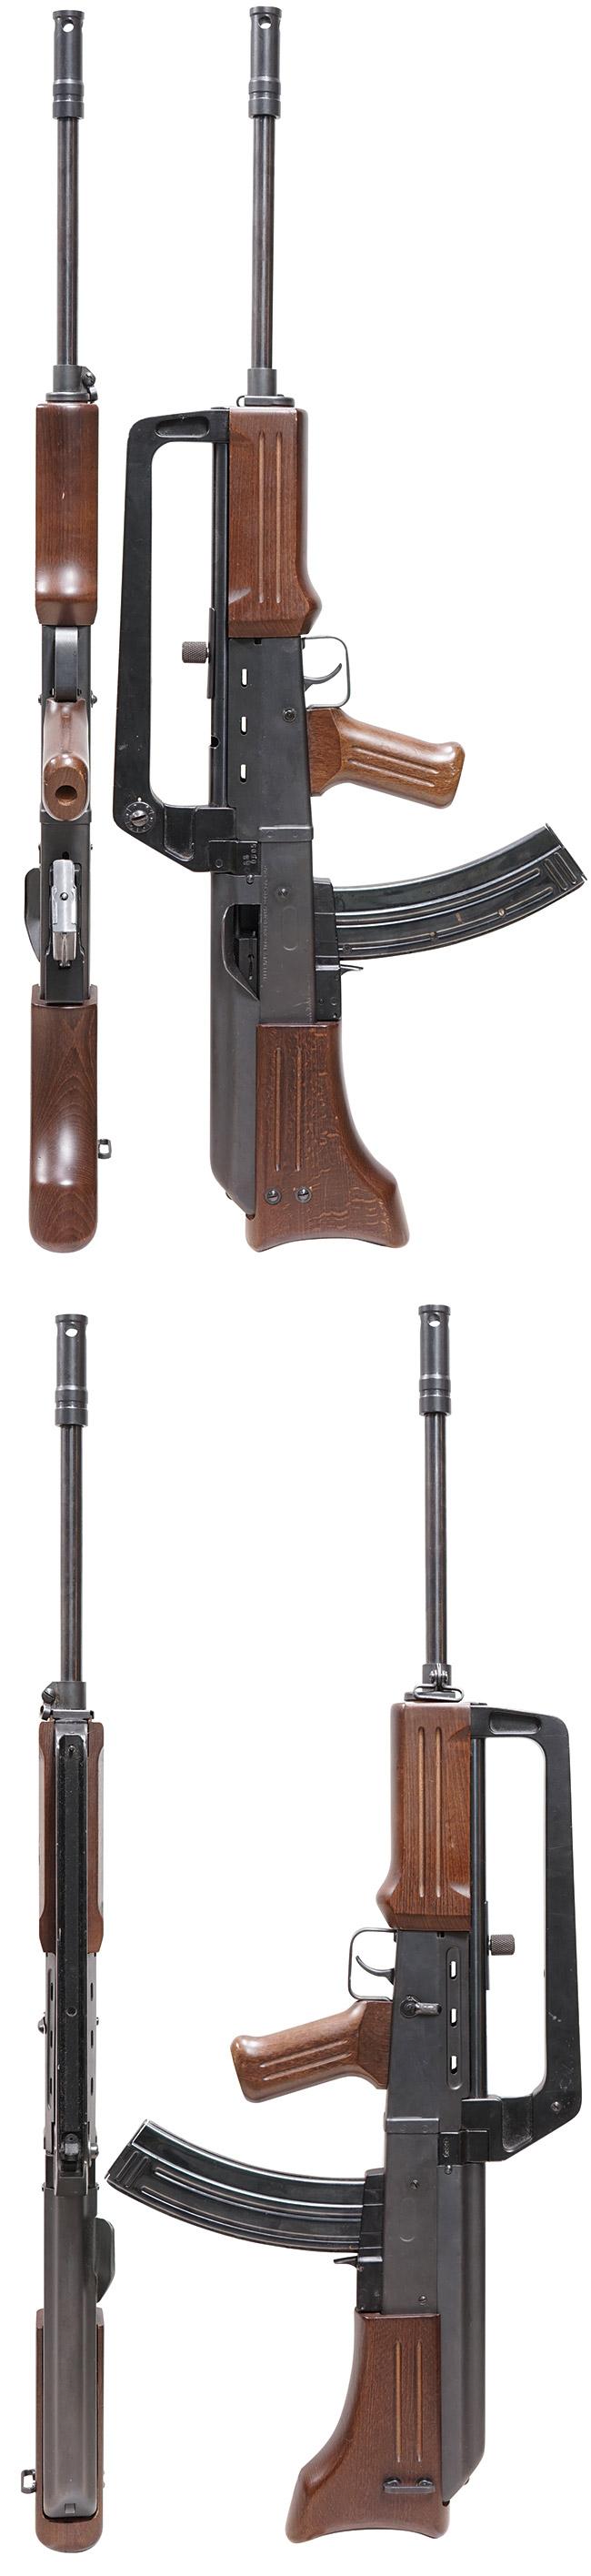 【6674】アドラー-イェーガー-AP85-自動小銃-(#0605)右.jpg